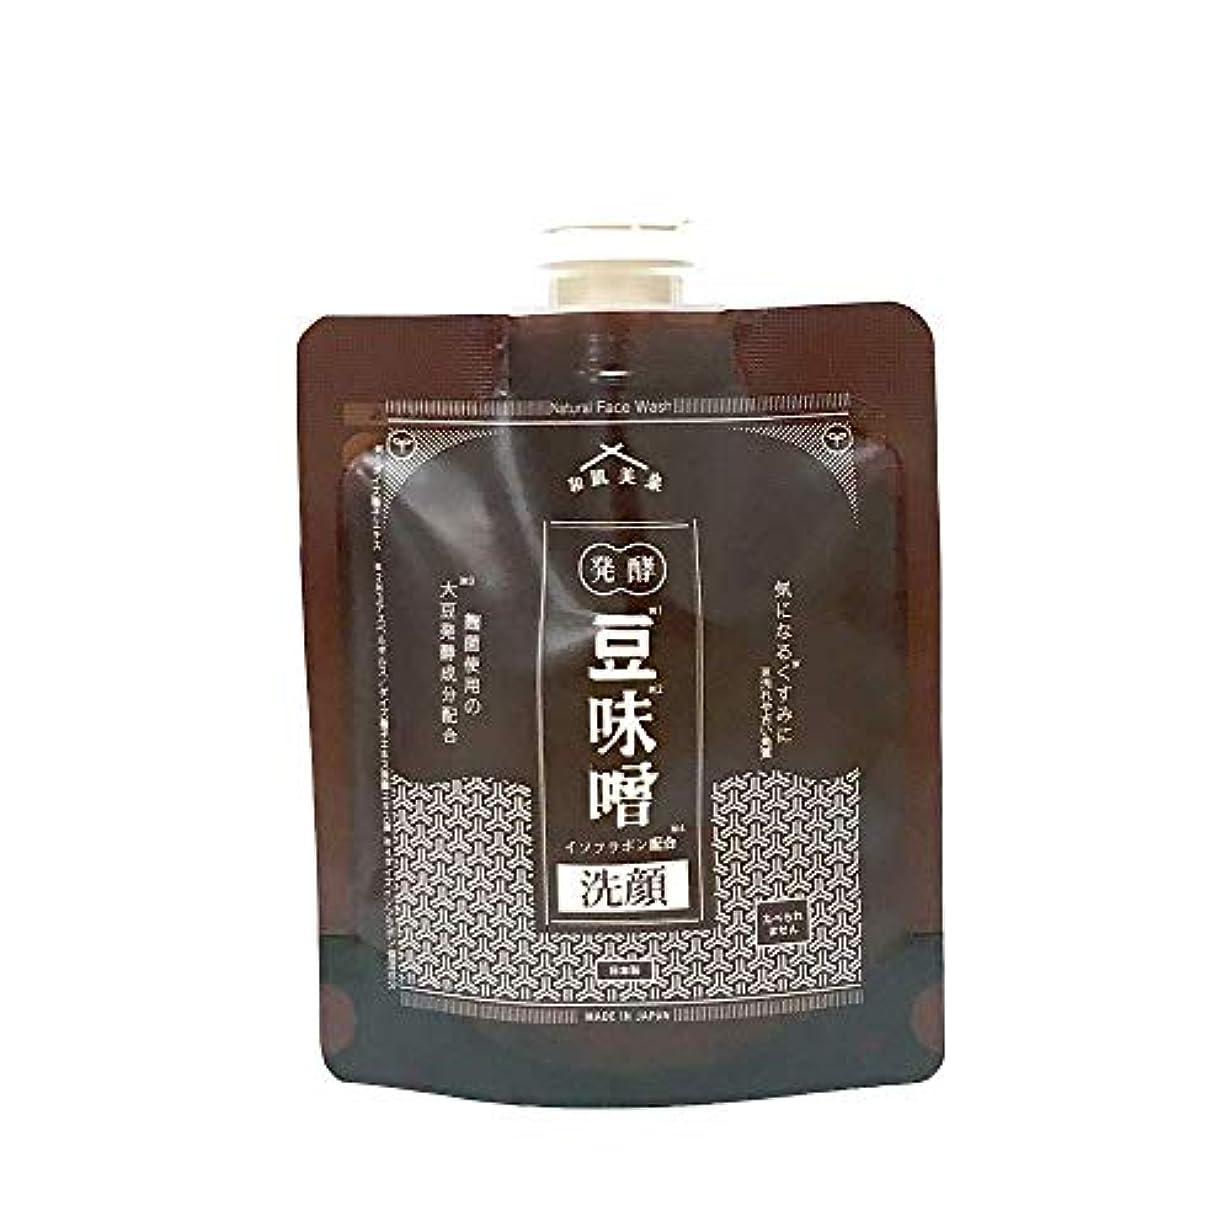 平均決めます検索エンジン最適化和肌美泉 発酵•豆味噌イソフラボン洗顔 100g